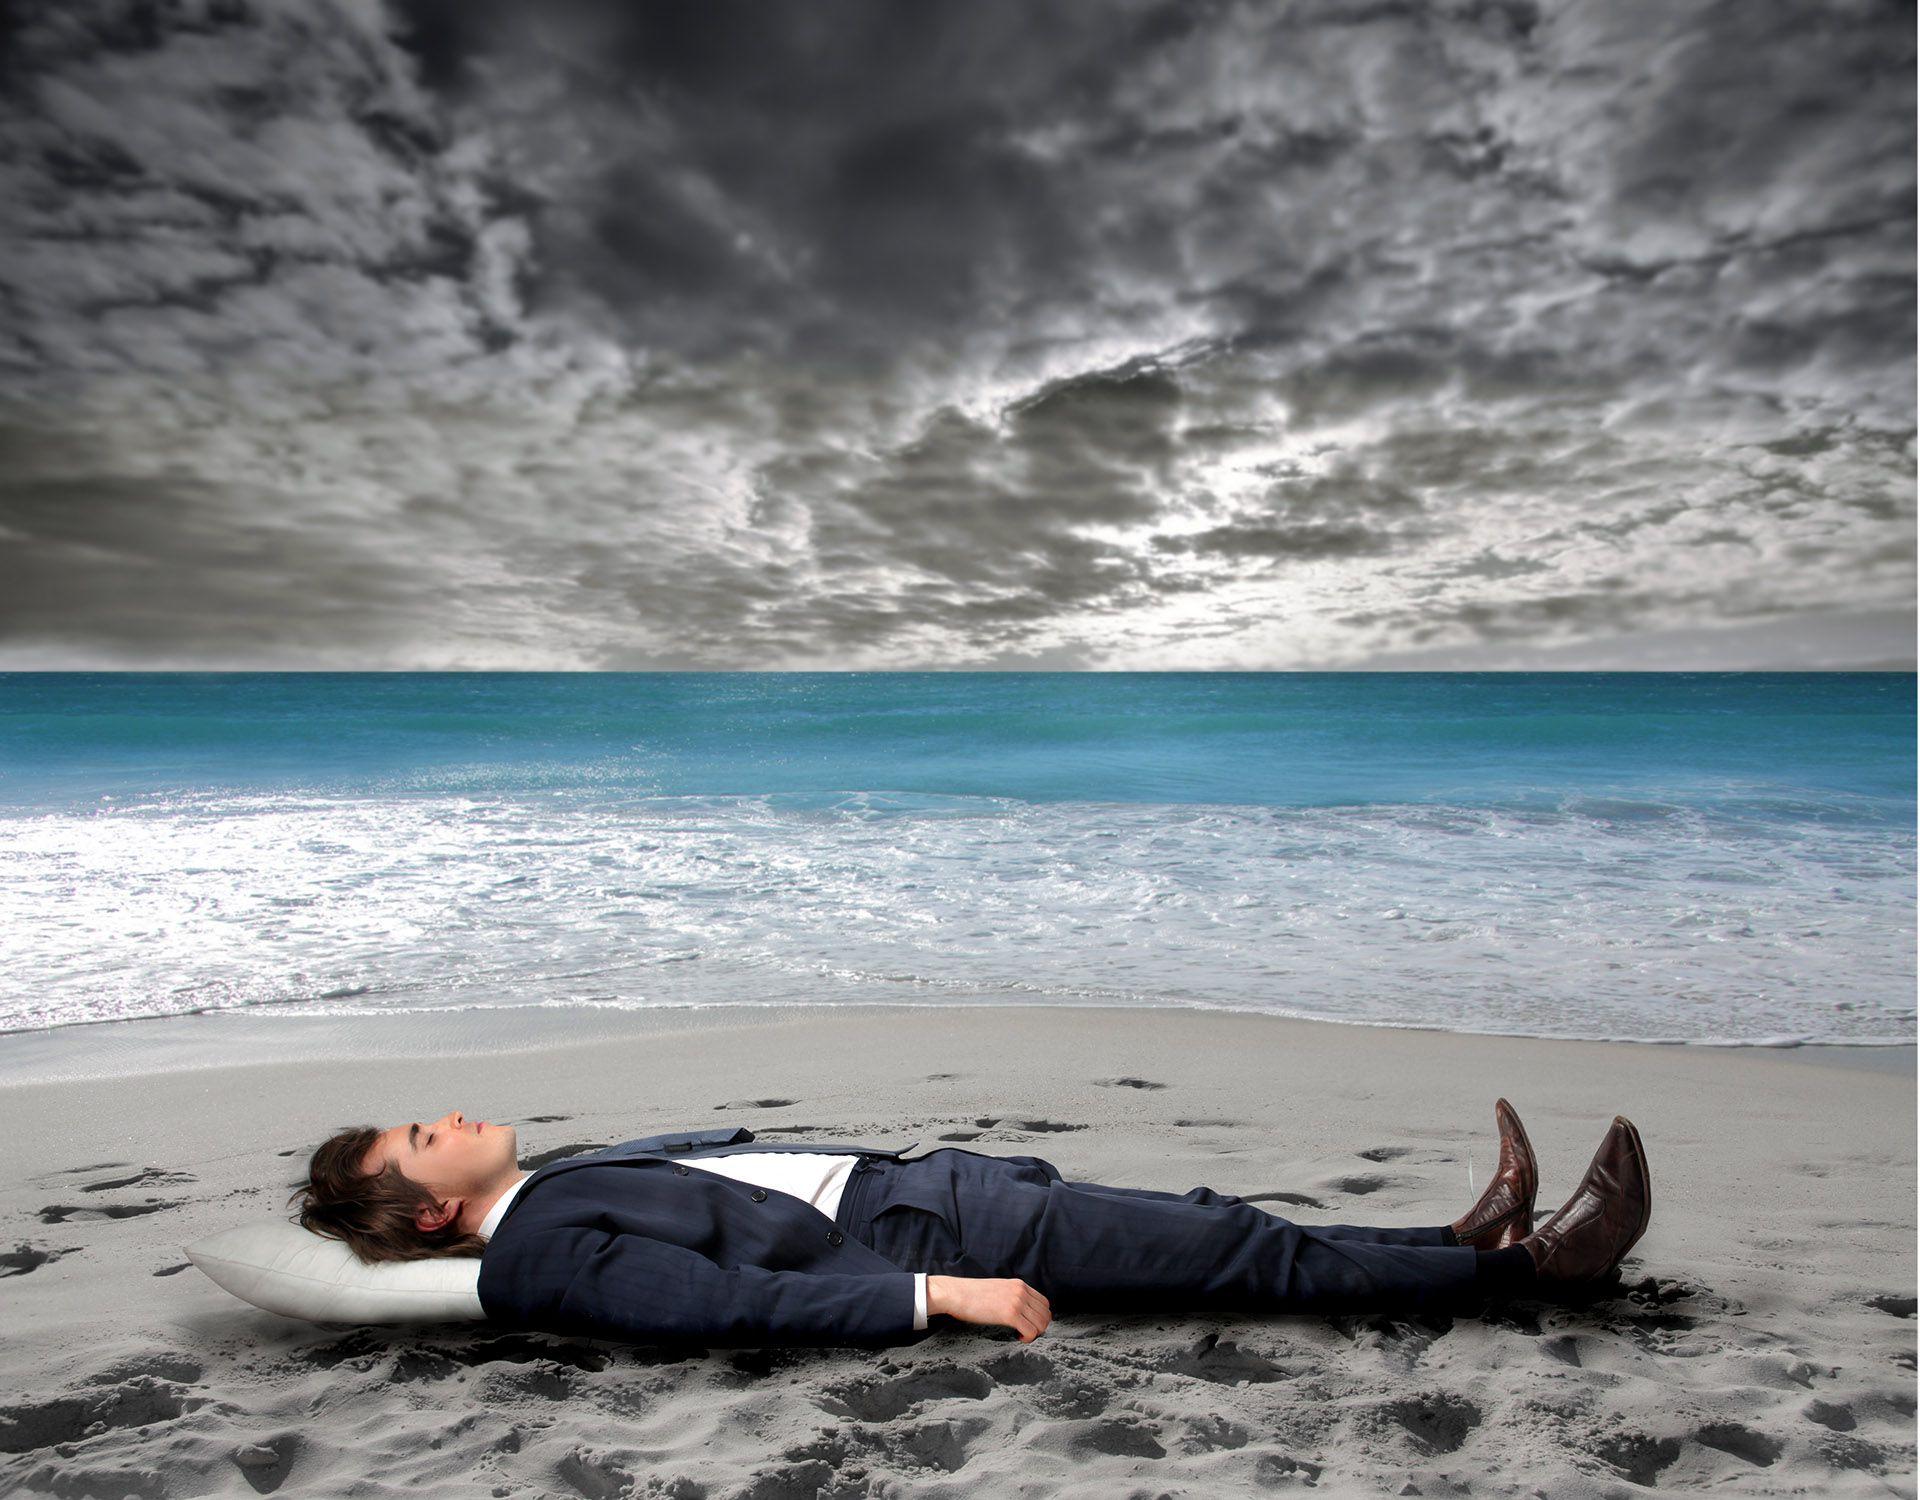 Los altos niveles de estrés pueden derivar en enfermedades como la depresión y la ansiedad (Shutterstock)